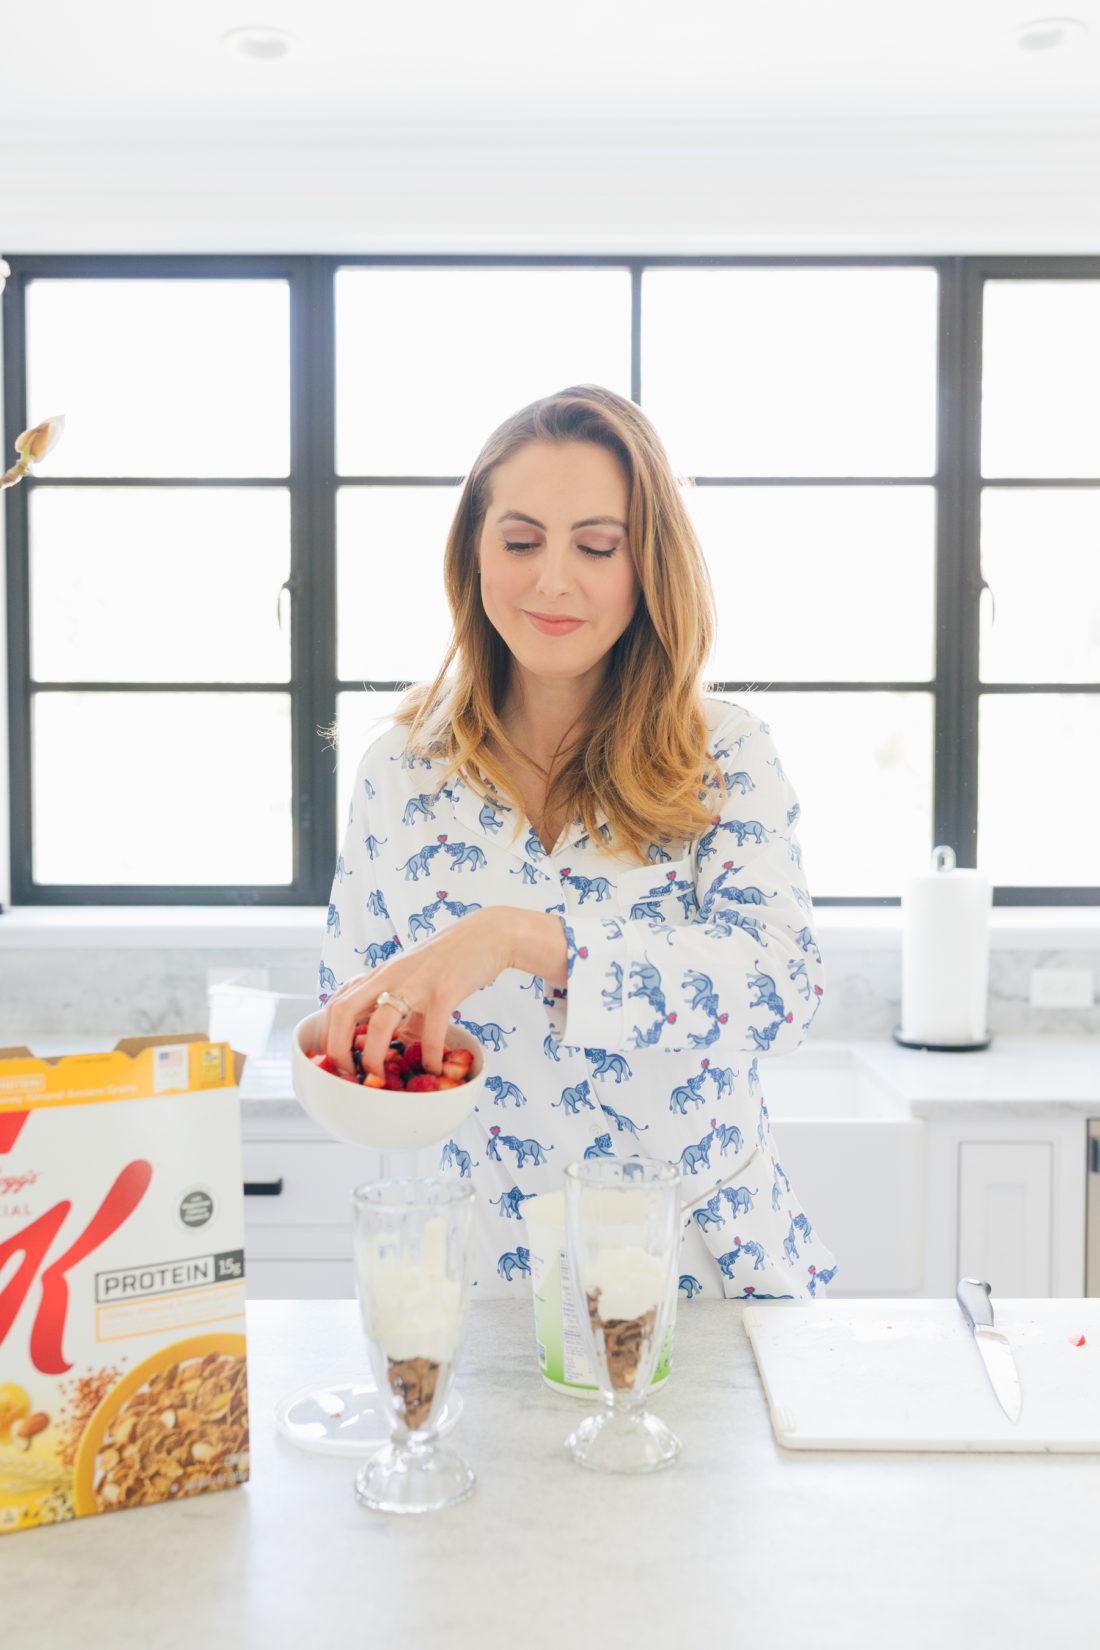 Eva Amurri Martino of Happily Eva After adds some berries to her yogurt parfait